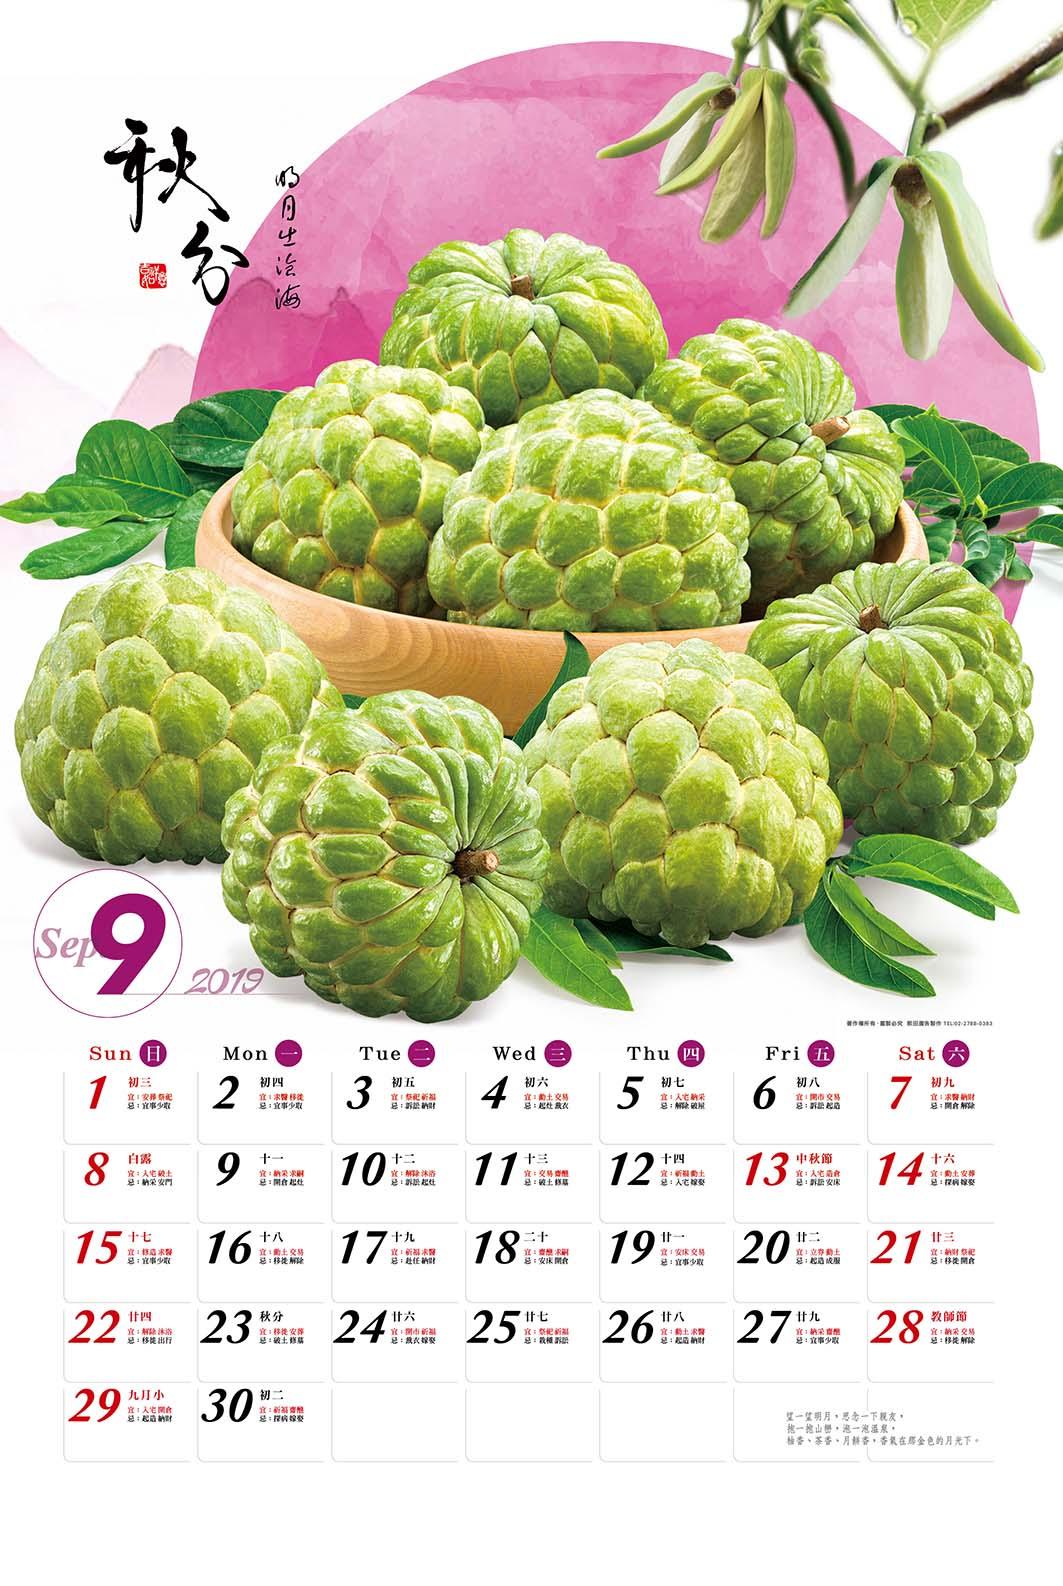 A02_水果月曆封面_9月.jpg